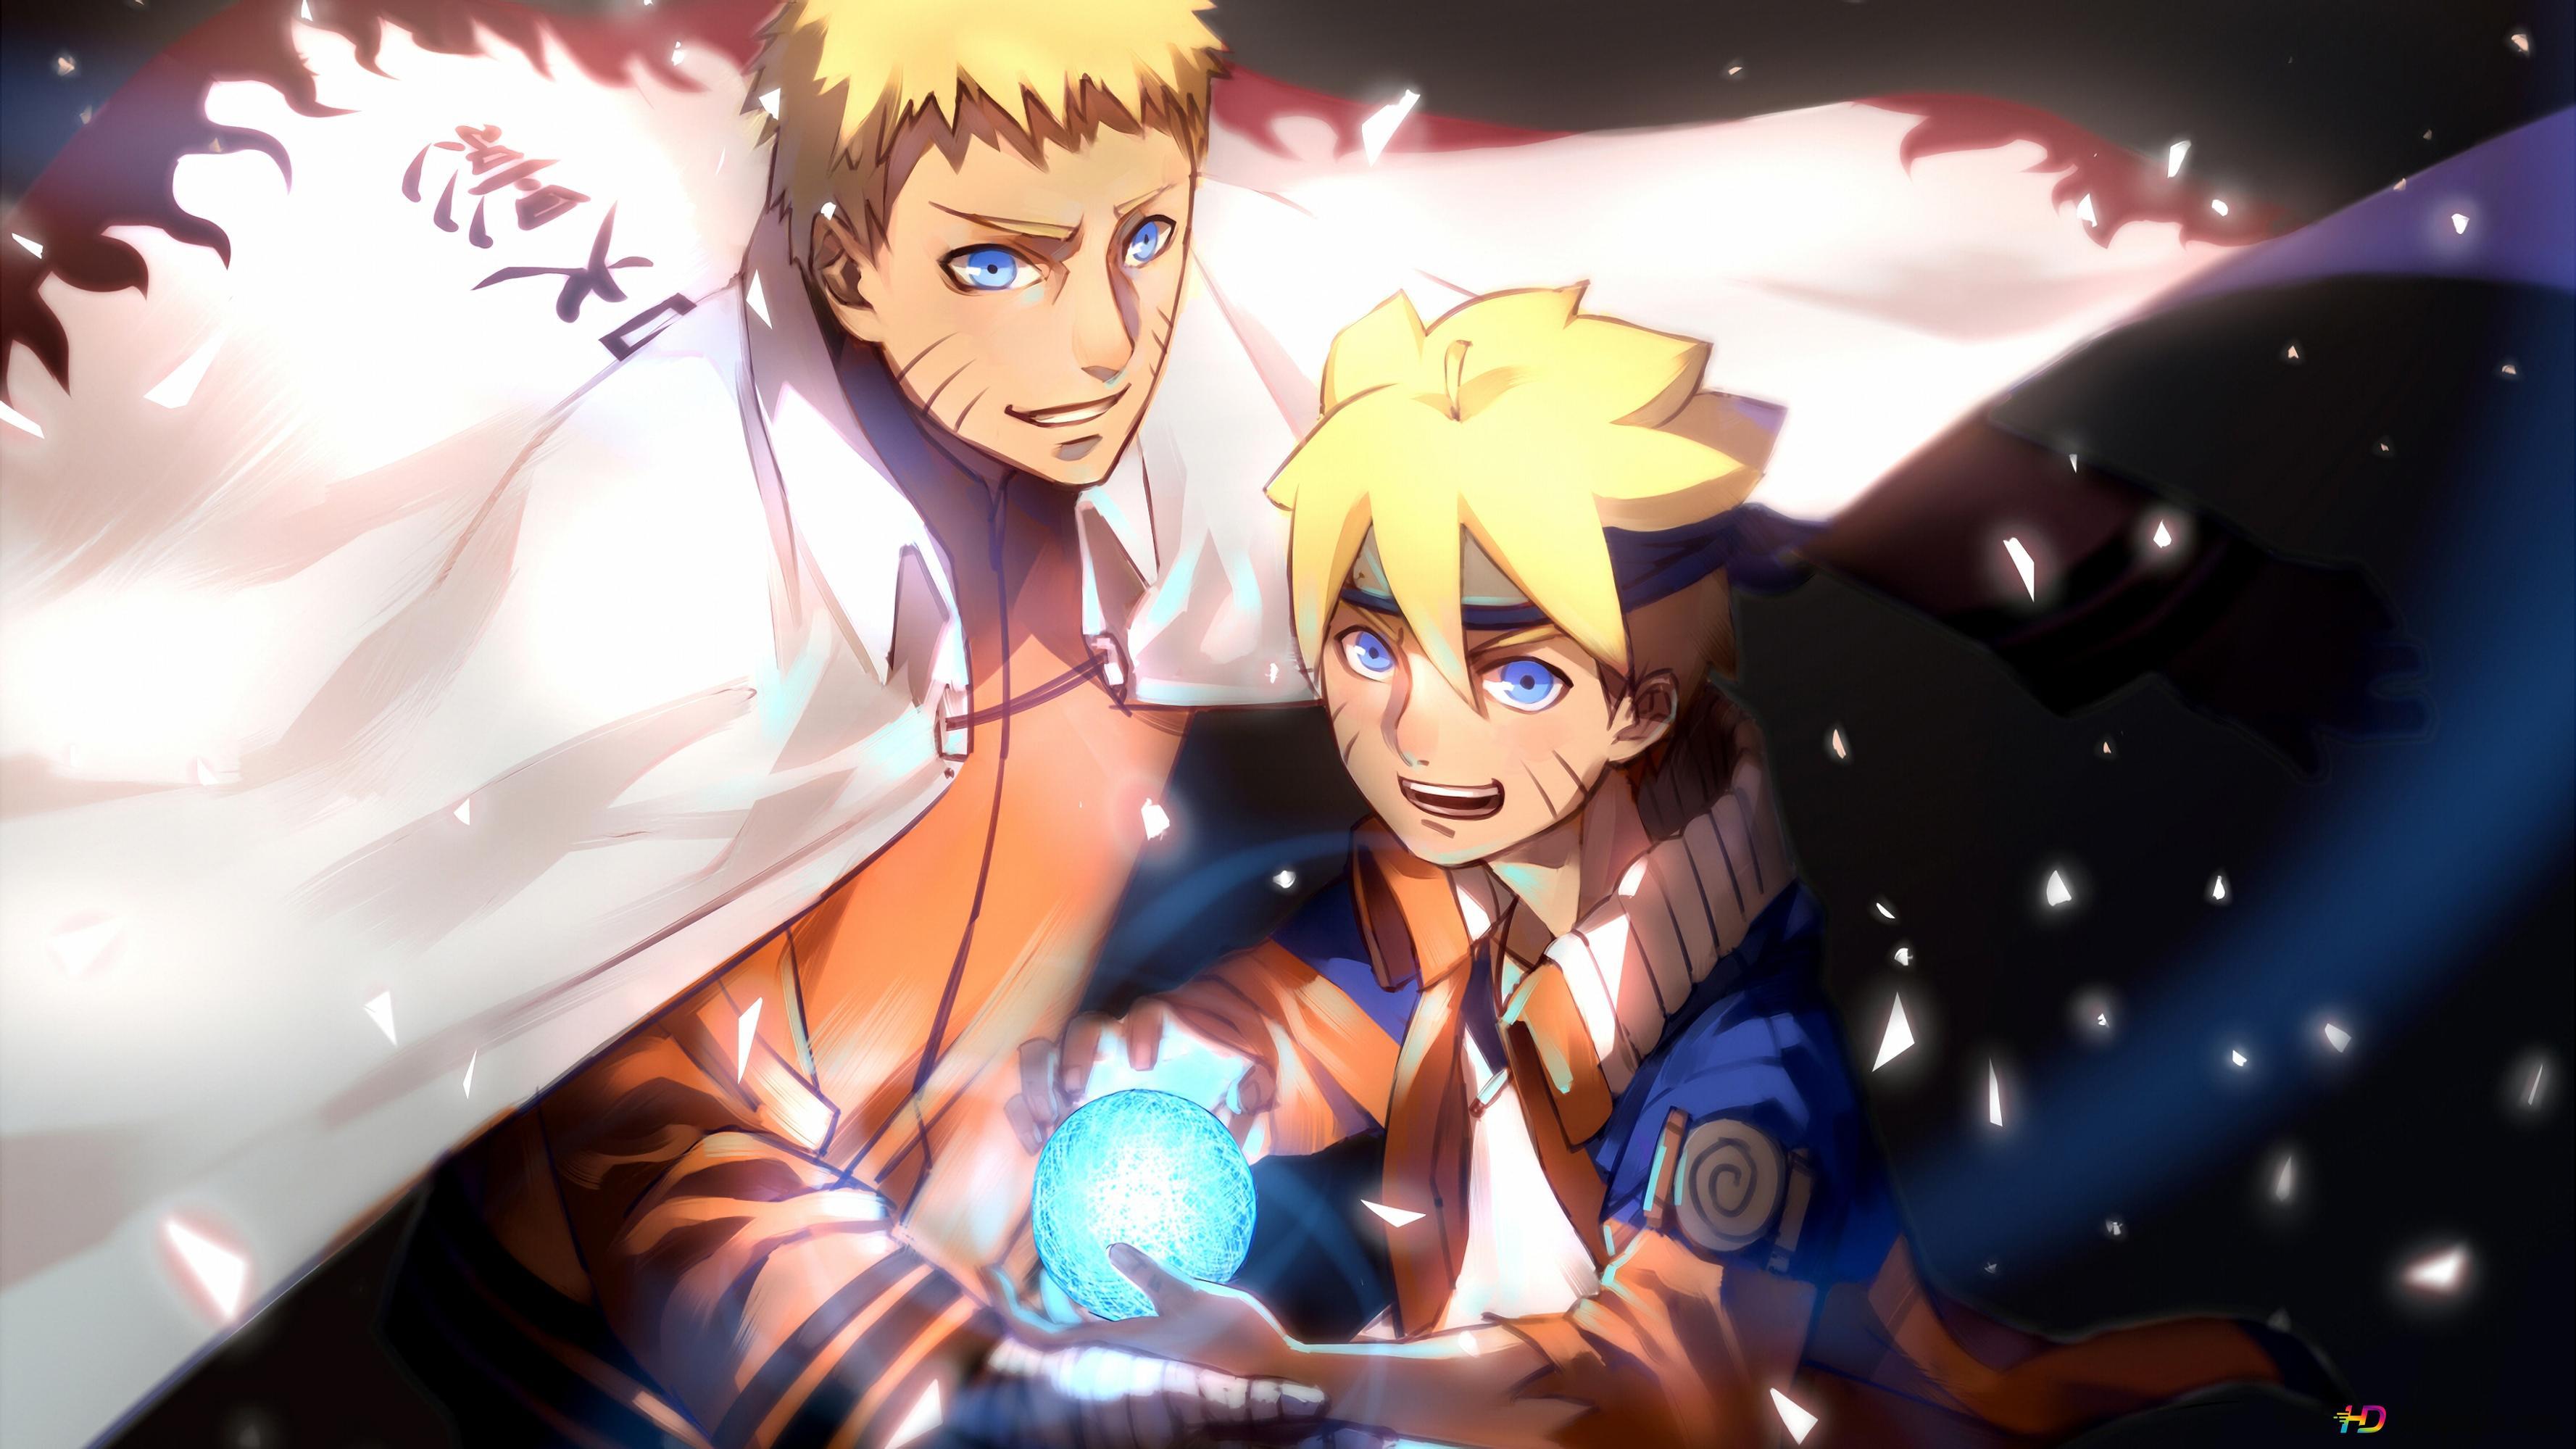 Boruto Naruto Next Generation Naruto Uzumaki & Boruto